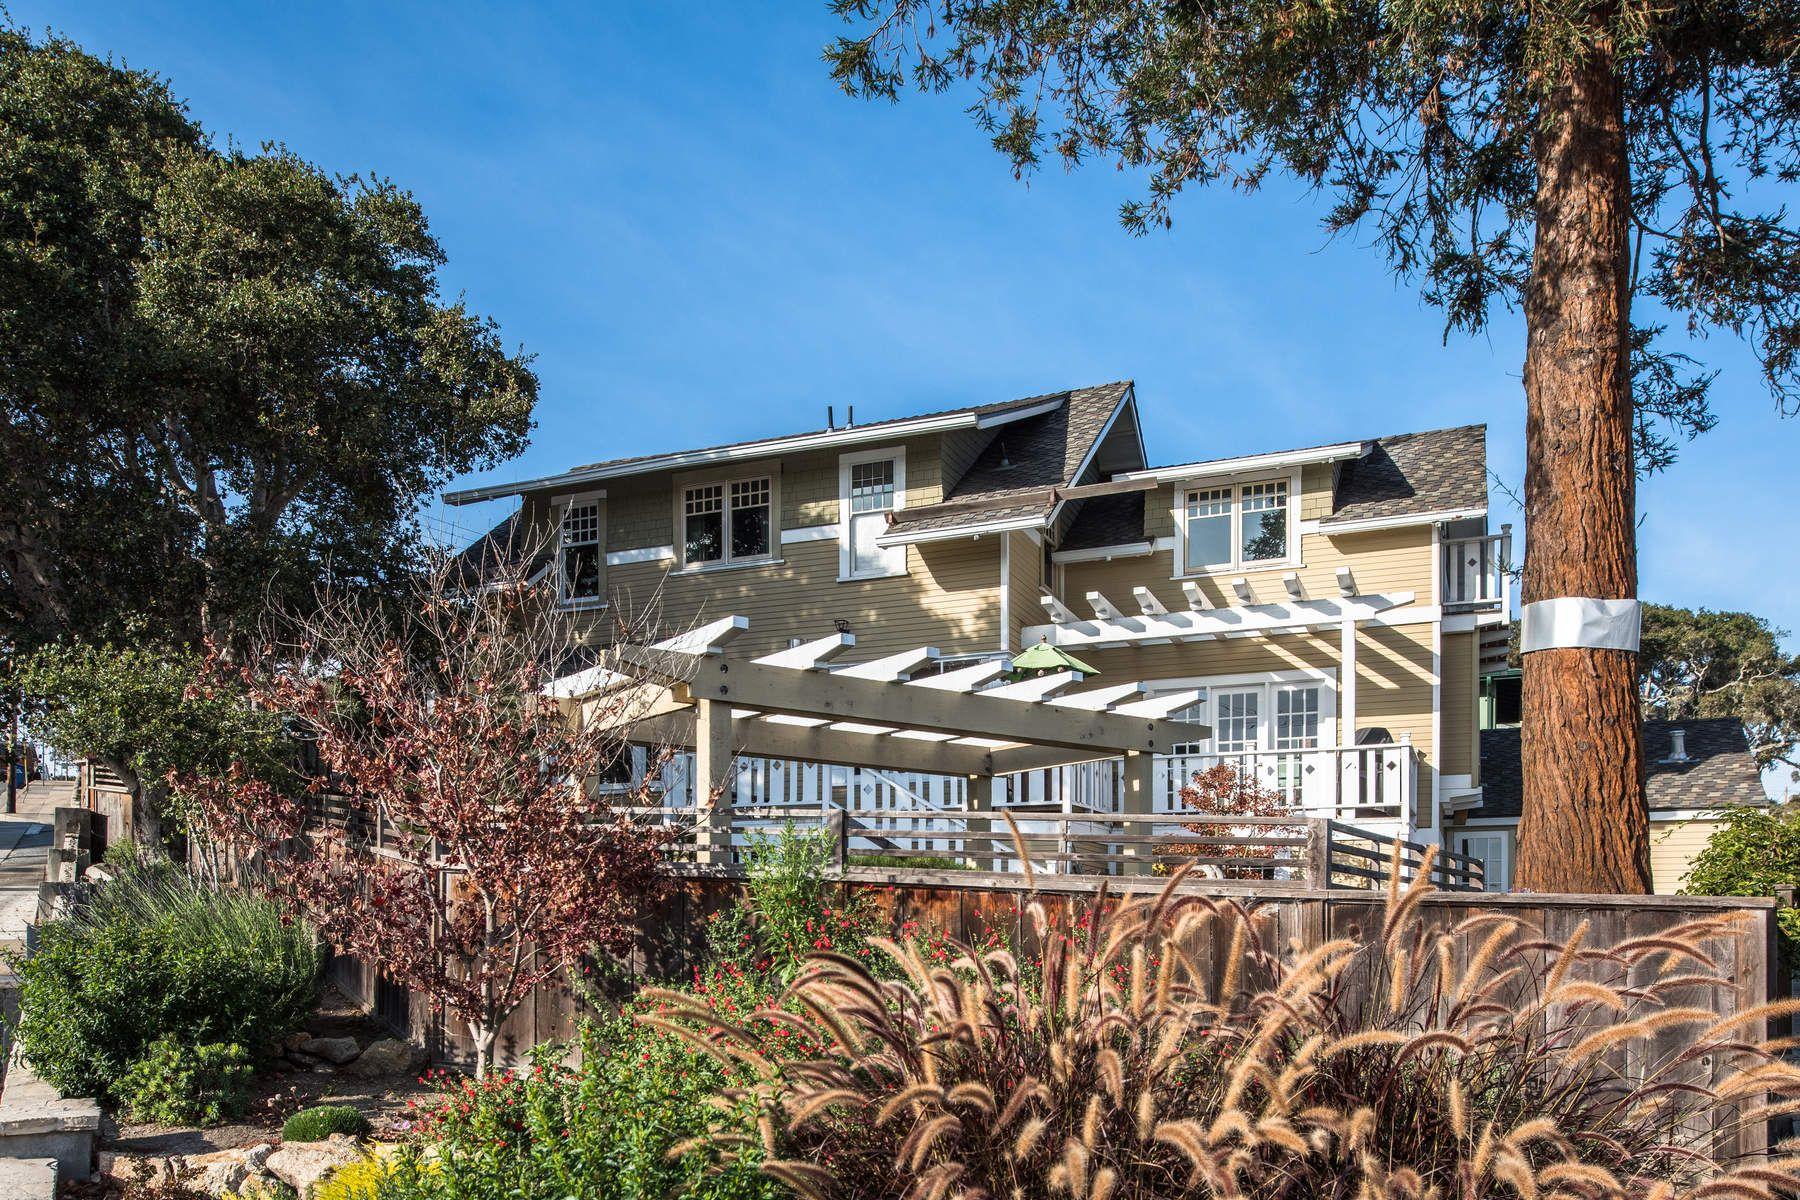 Частный односемейный дом для того Продажа на Ocean View Home 212 Eardley Avenue, Pacific Grove, Калифорния, 93950 Соединенные Штаты